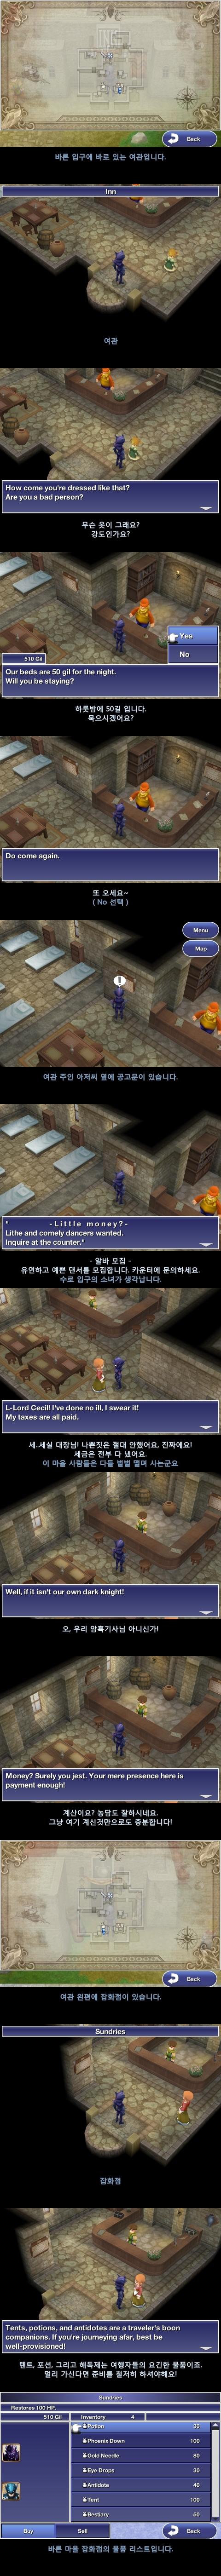 [00019] 바론 마을 - 여관, 잡화점